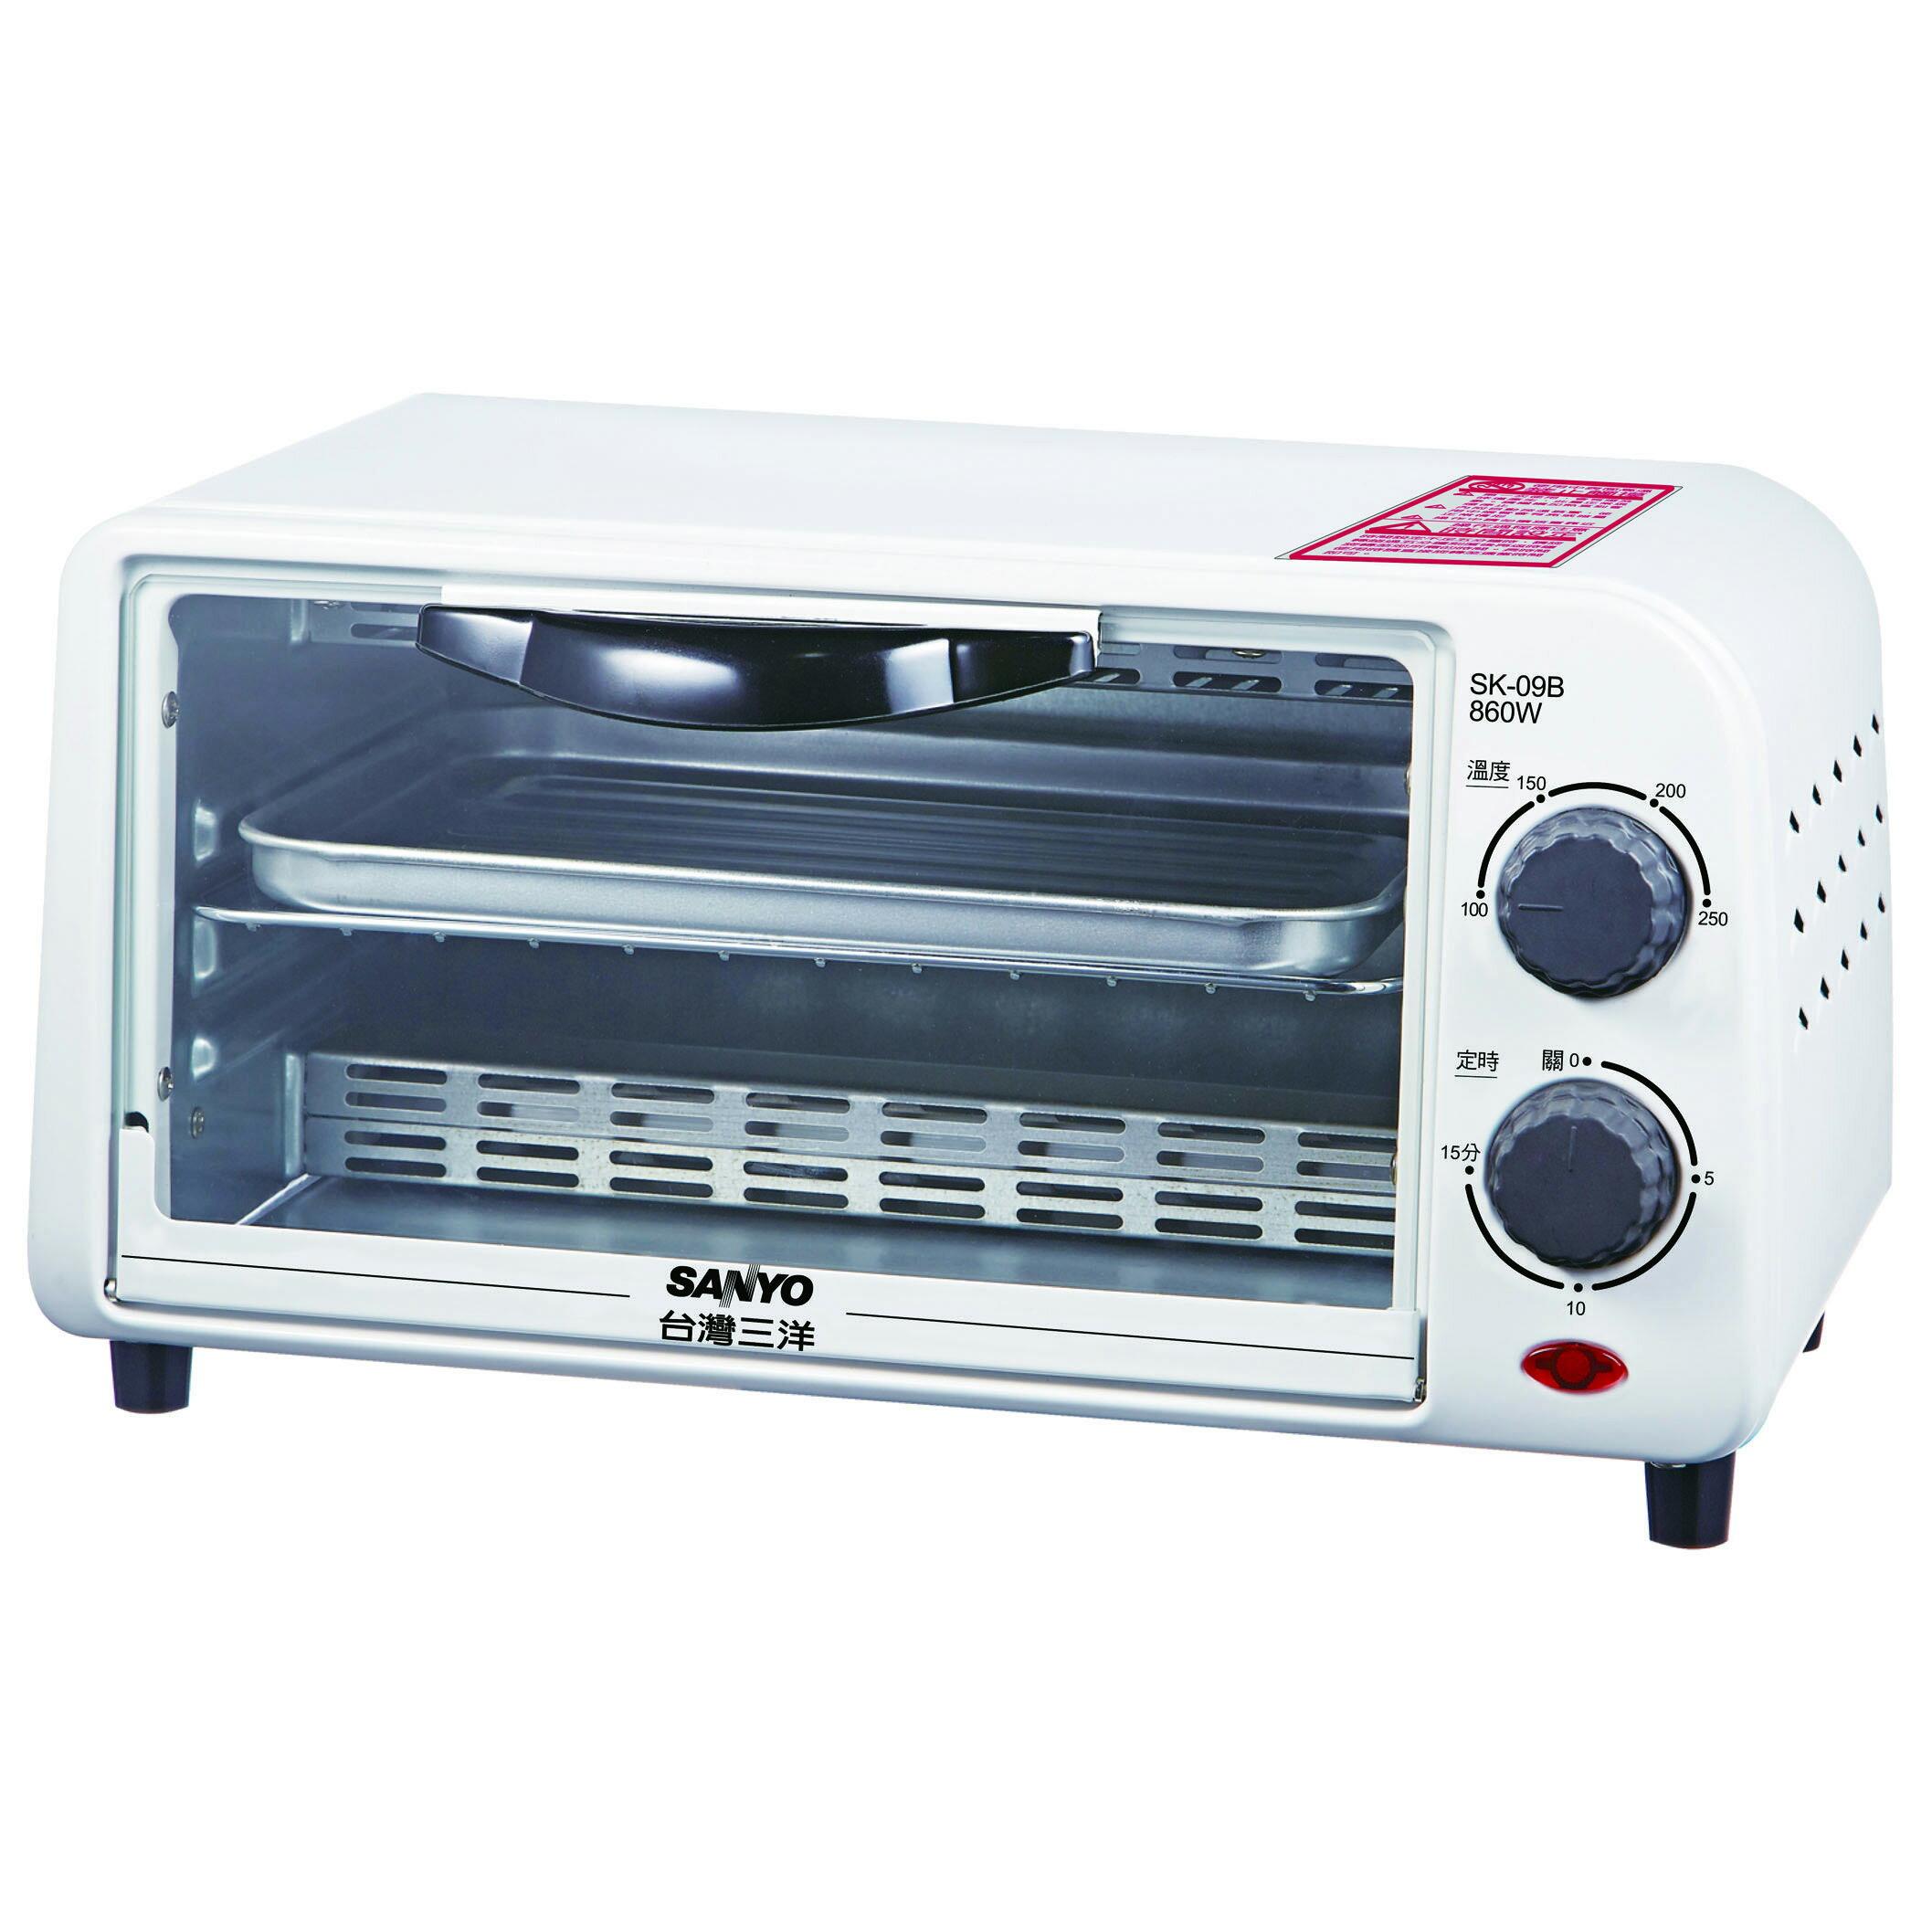 三洋 SANYO 9L電烤箱 SK-09B